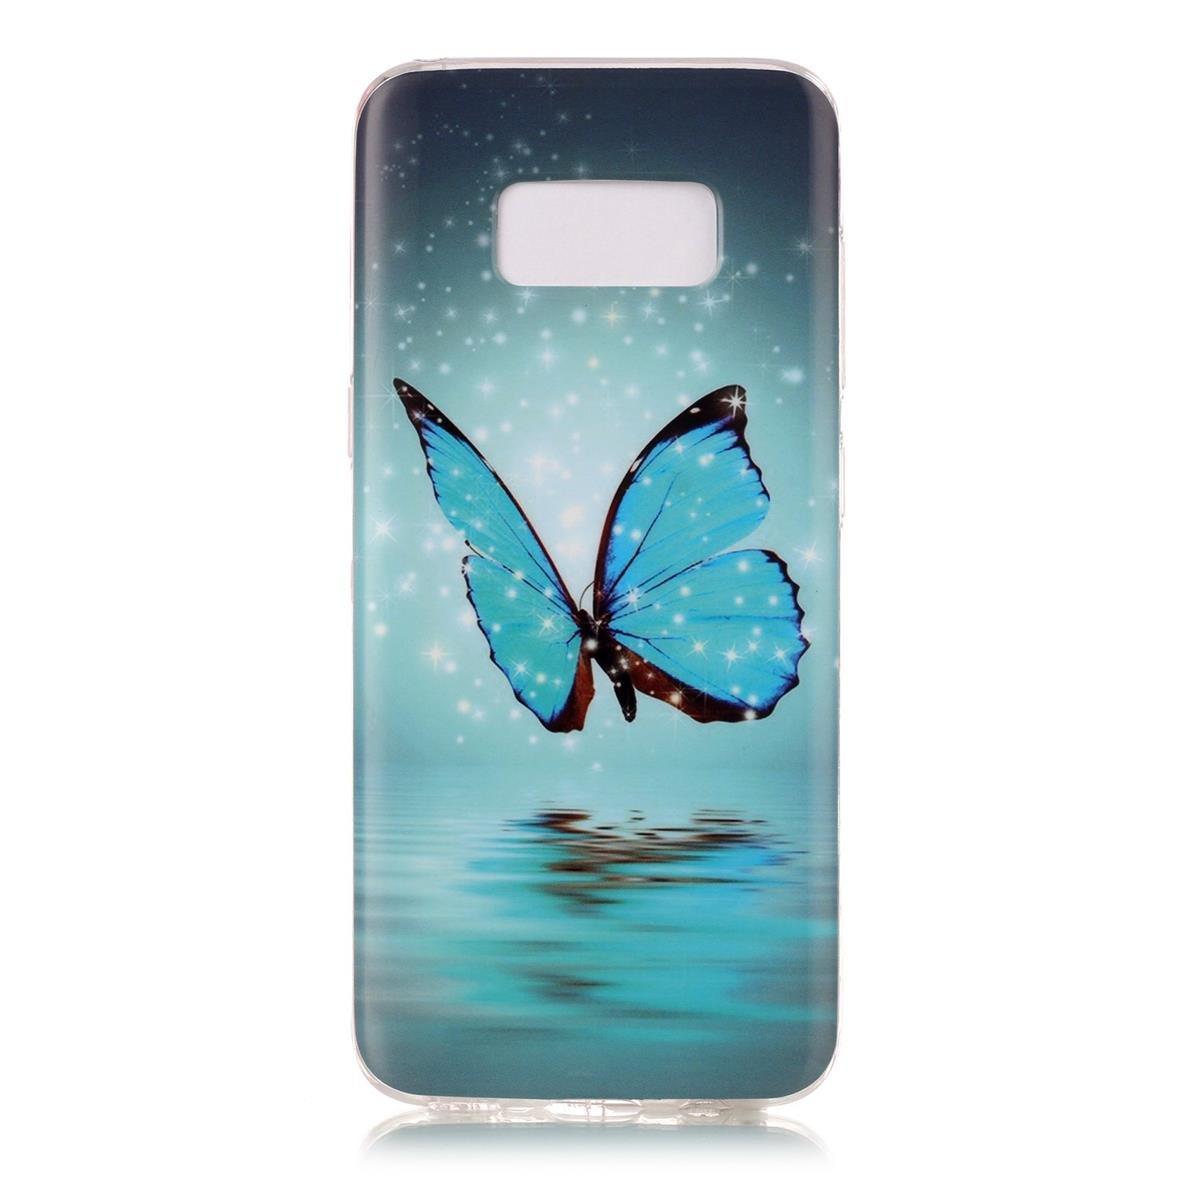 Elegante Luminous Effect TPU Suave Silic/ón Gel de Alta Resistencia y Flexibilidad Anti-ara/ñazos y Mariposa OnlyCase Funda para Samsung Galaxy S8